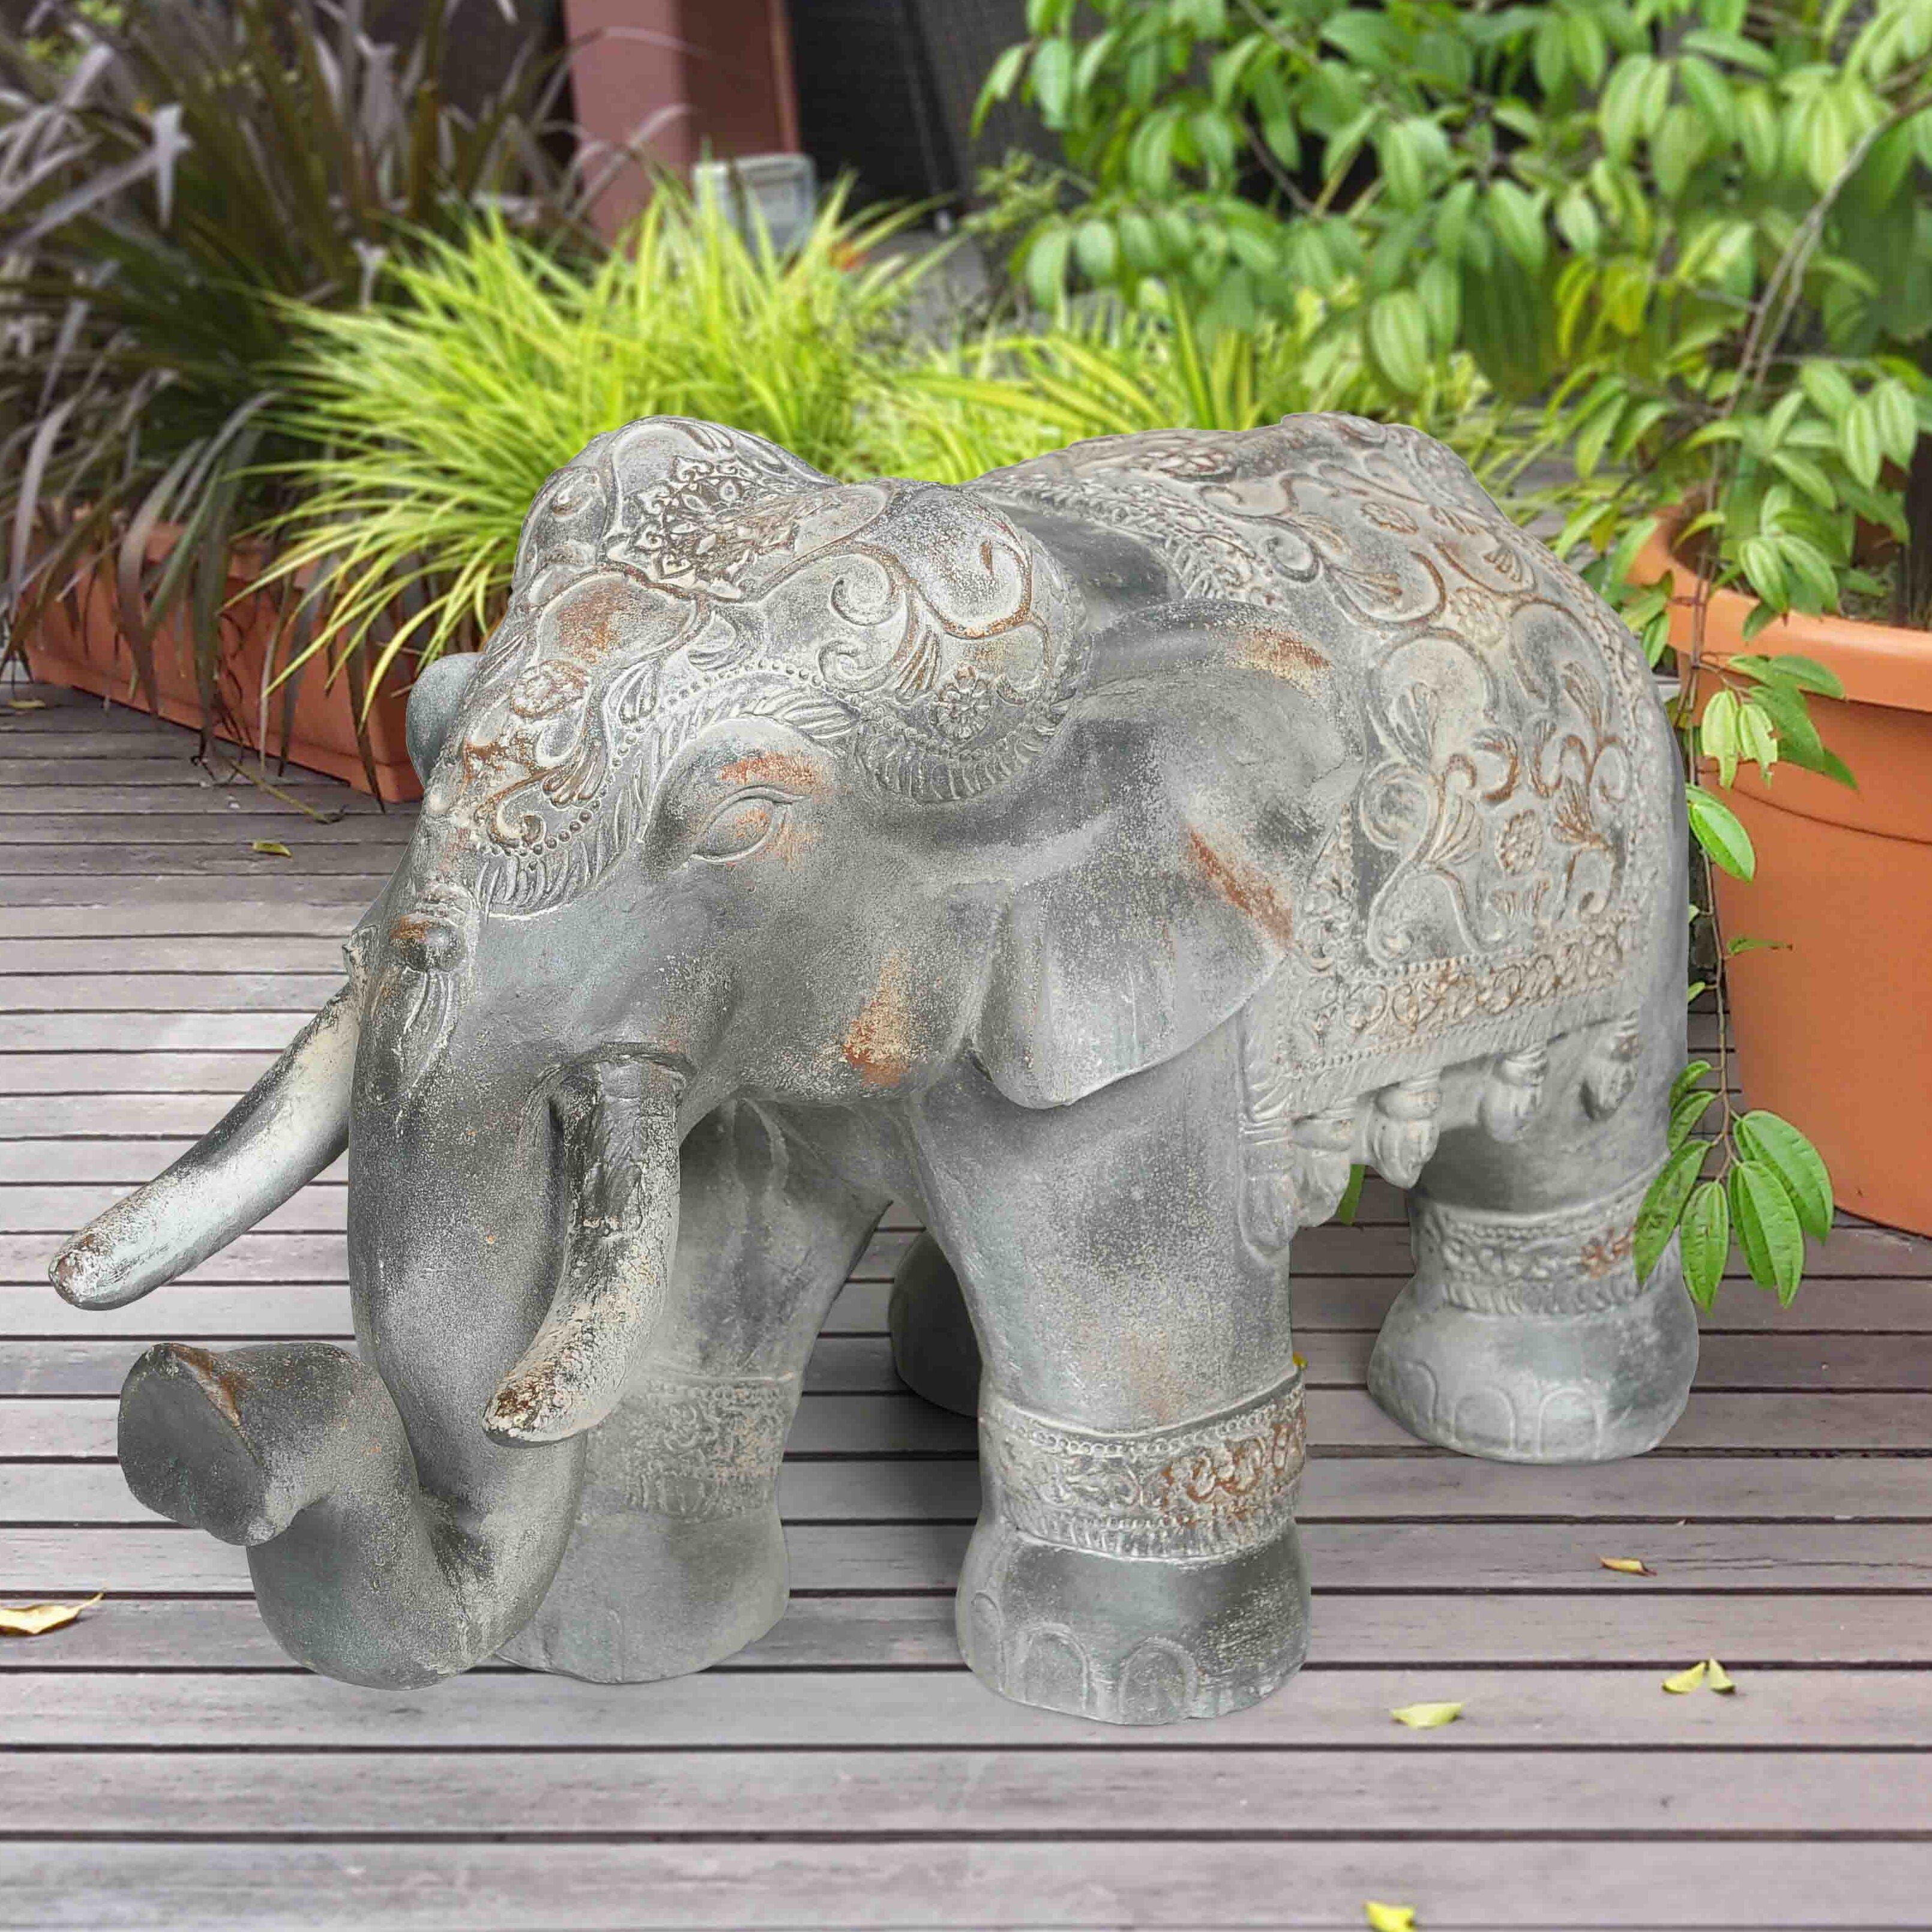 Sunjoy Elephant Garden Statue & Reviews | Wayfair.ca